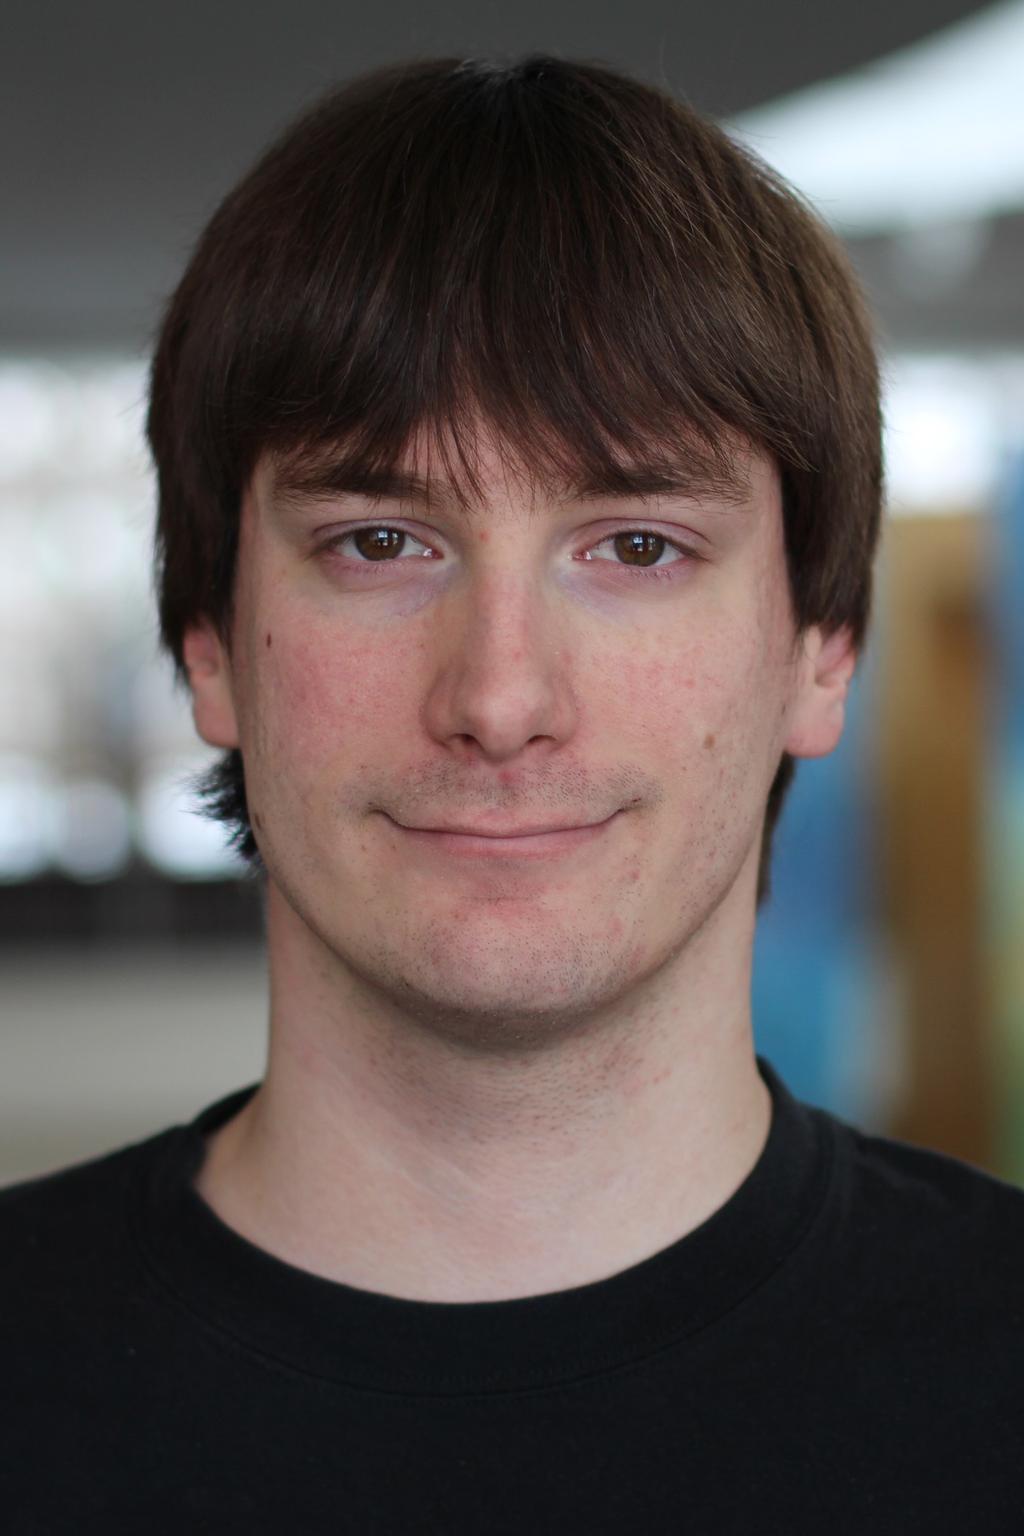 Andrew Prehall